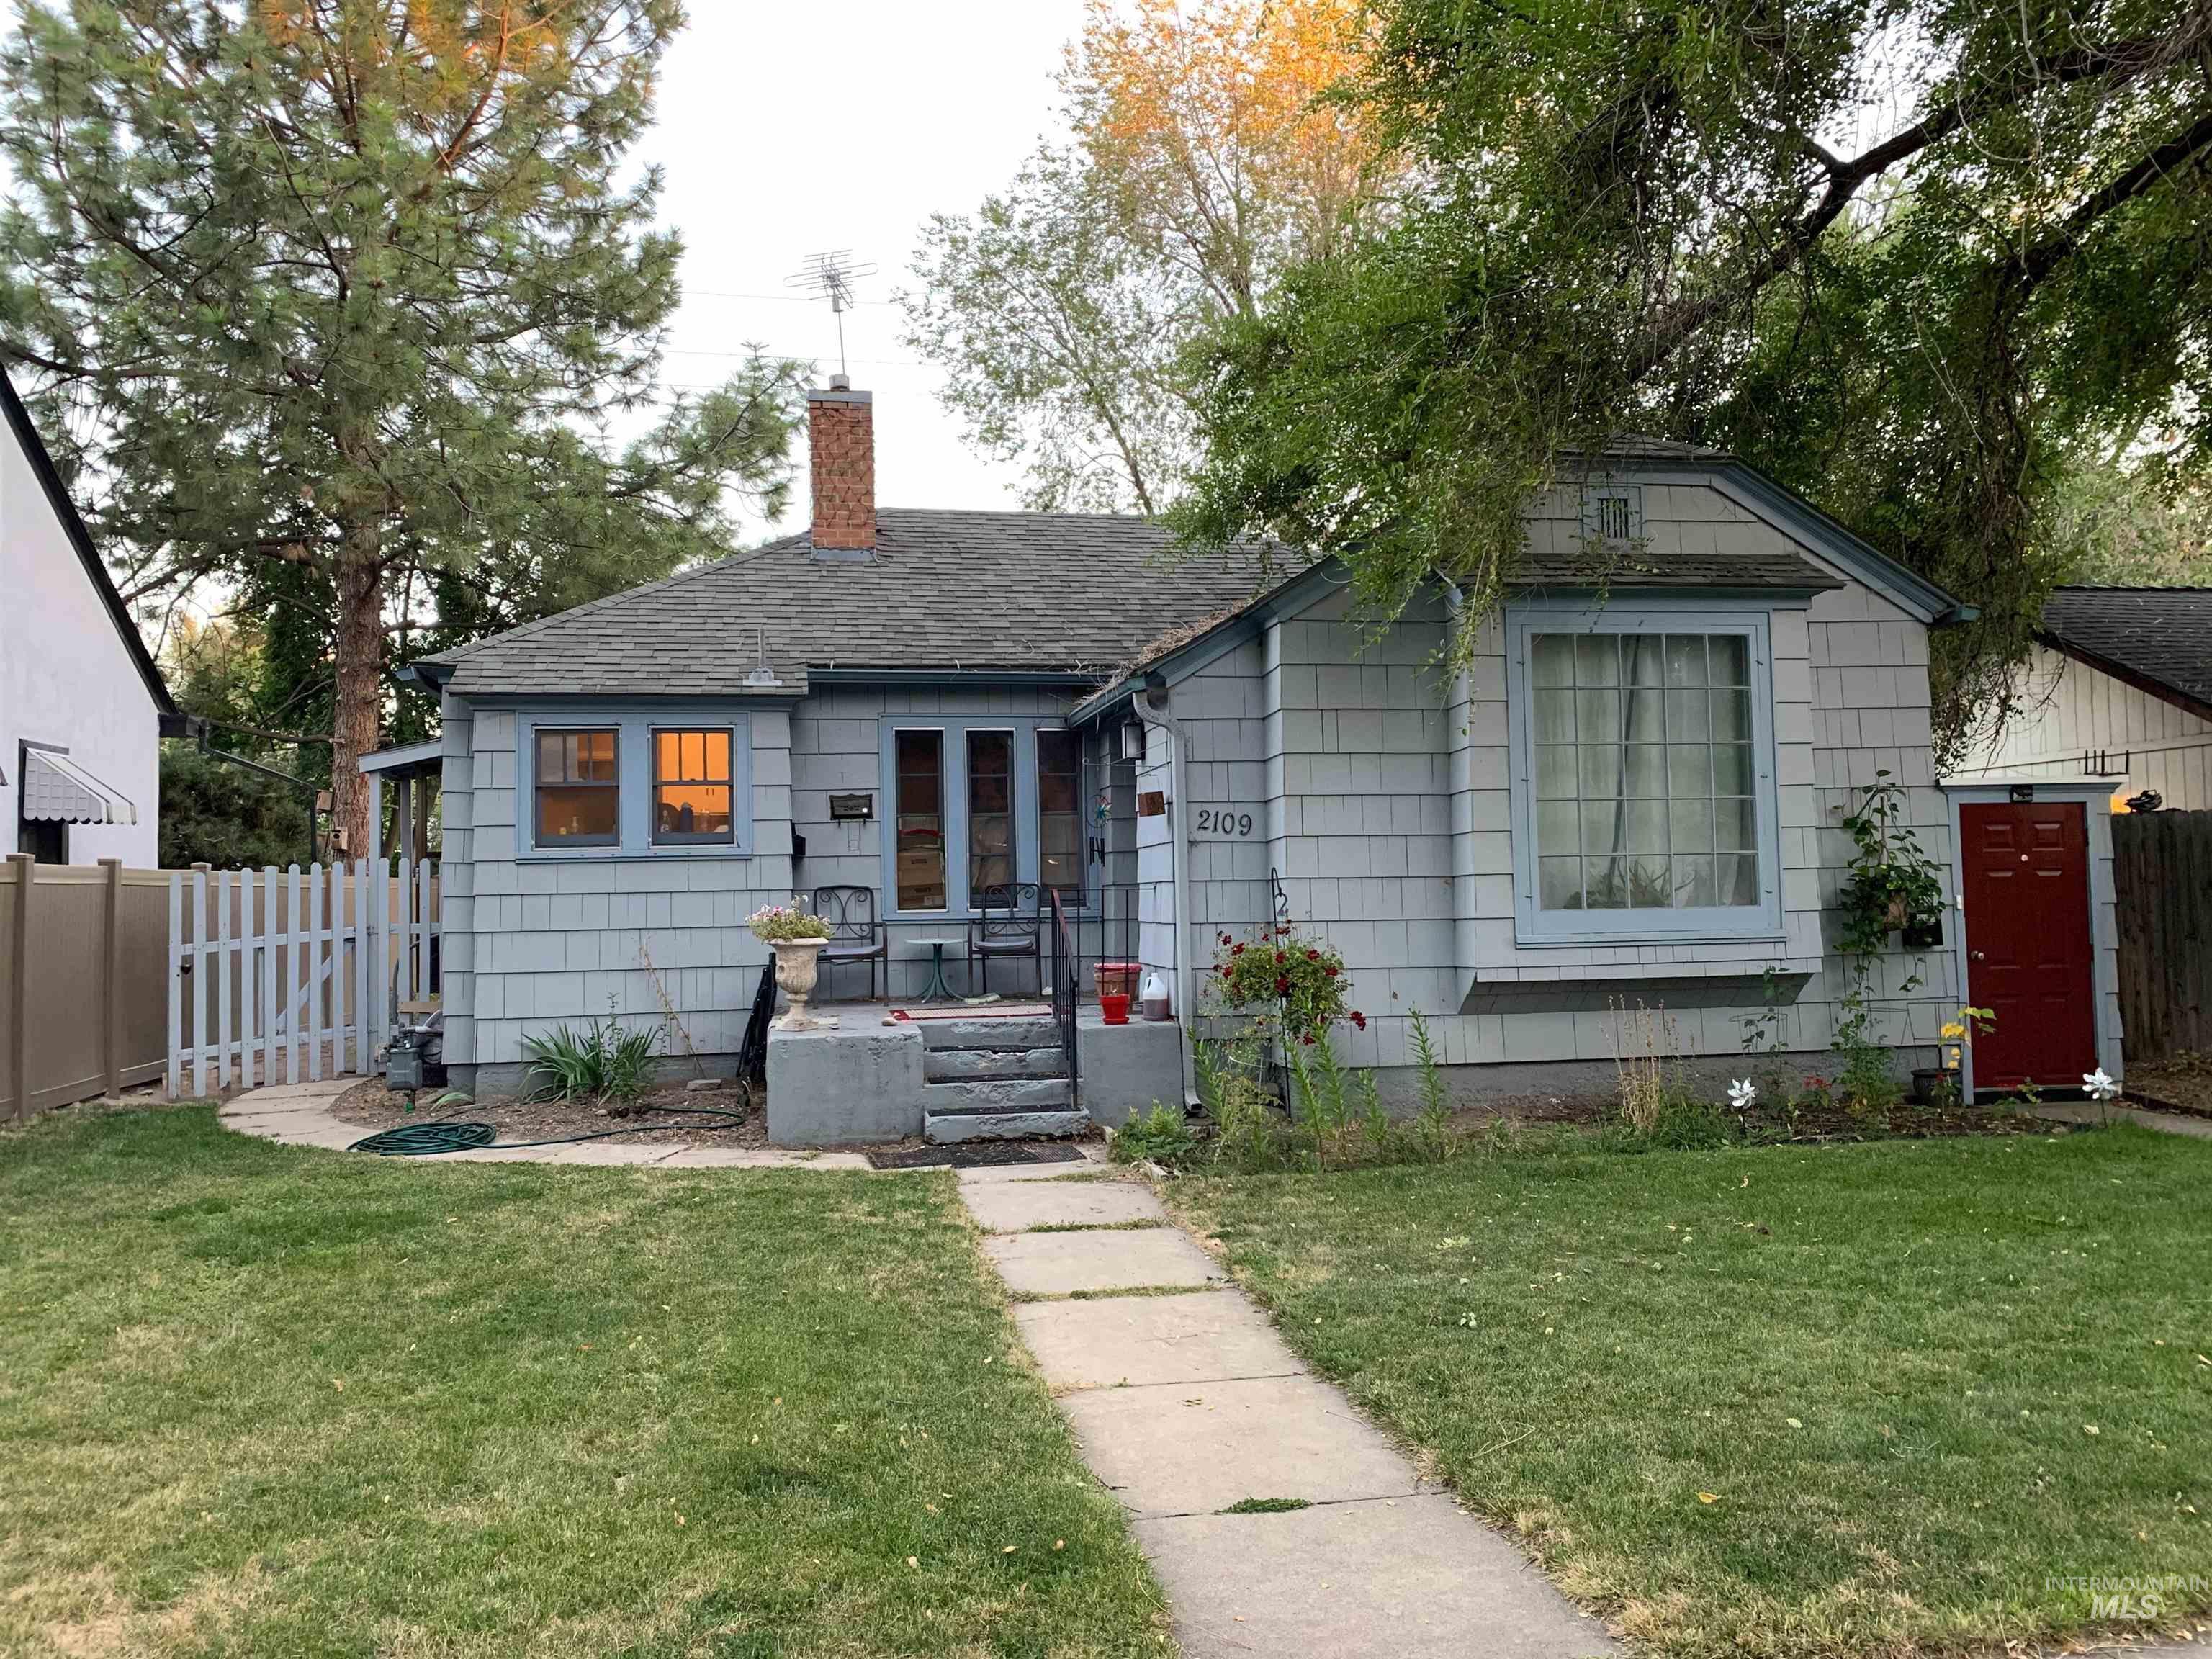 2109 W Jefferson St Property Photo